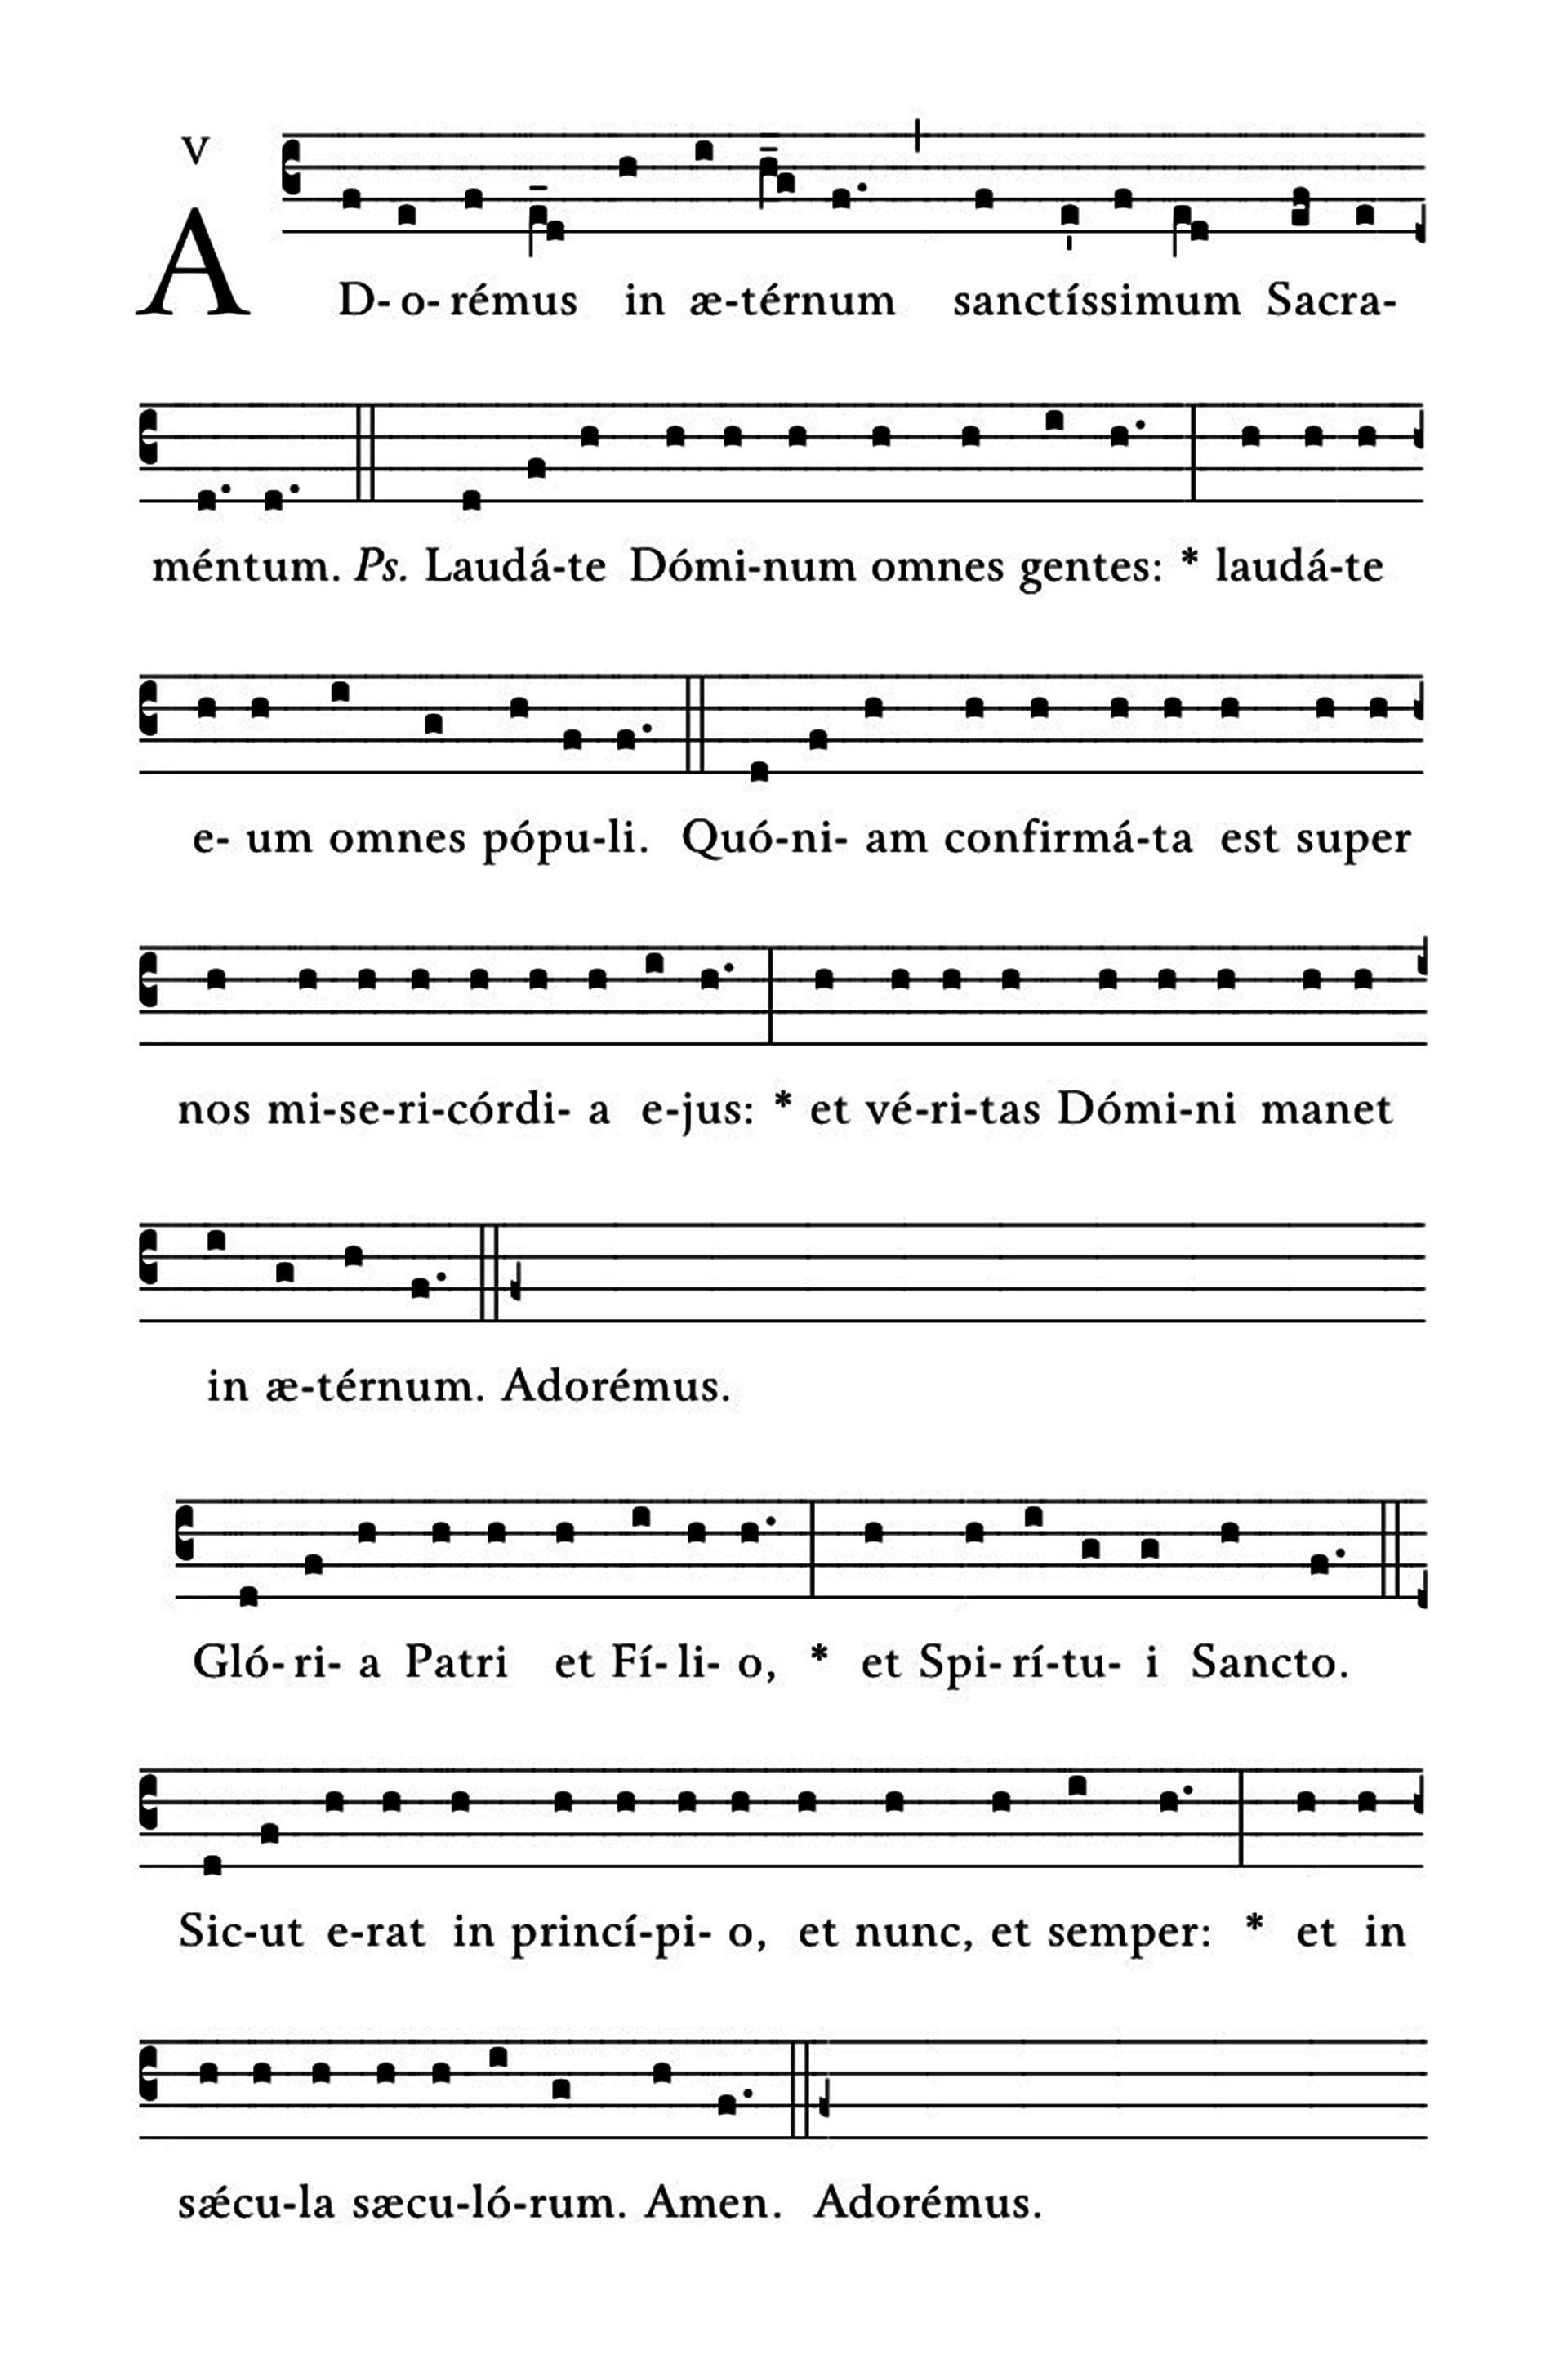 Adoremus in aeternum - notation